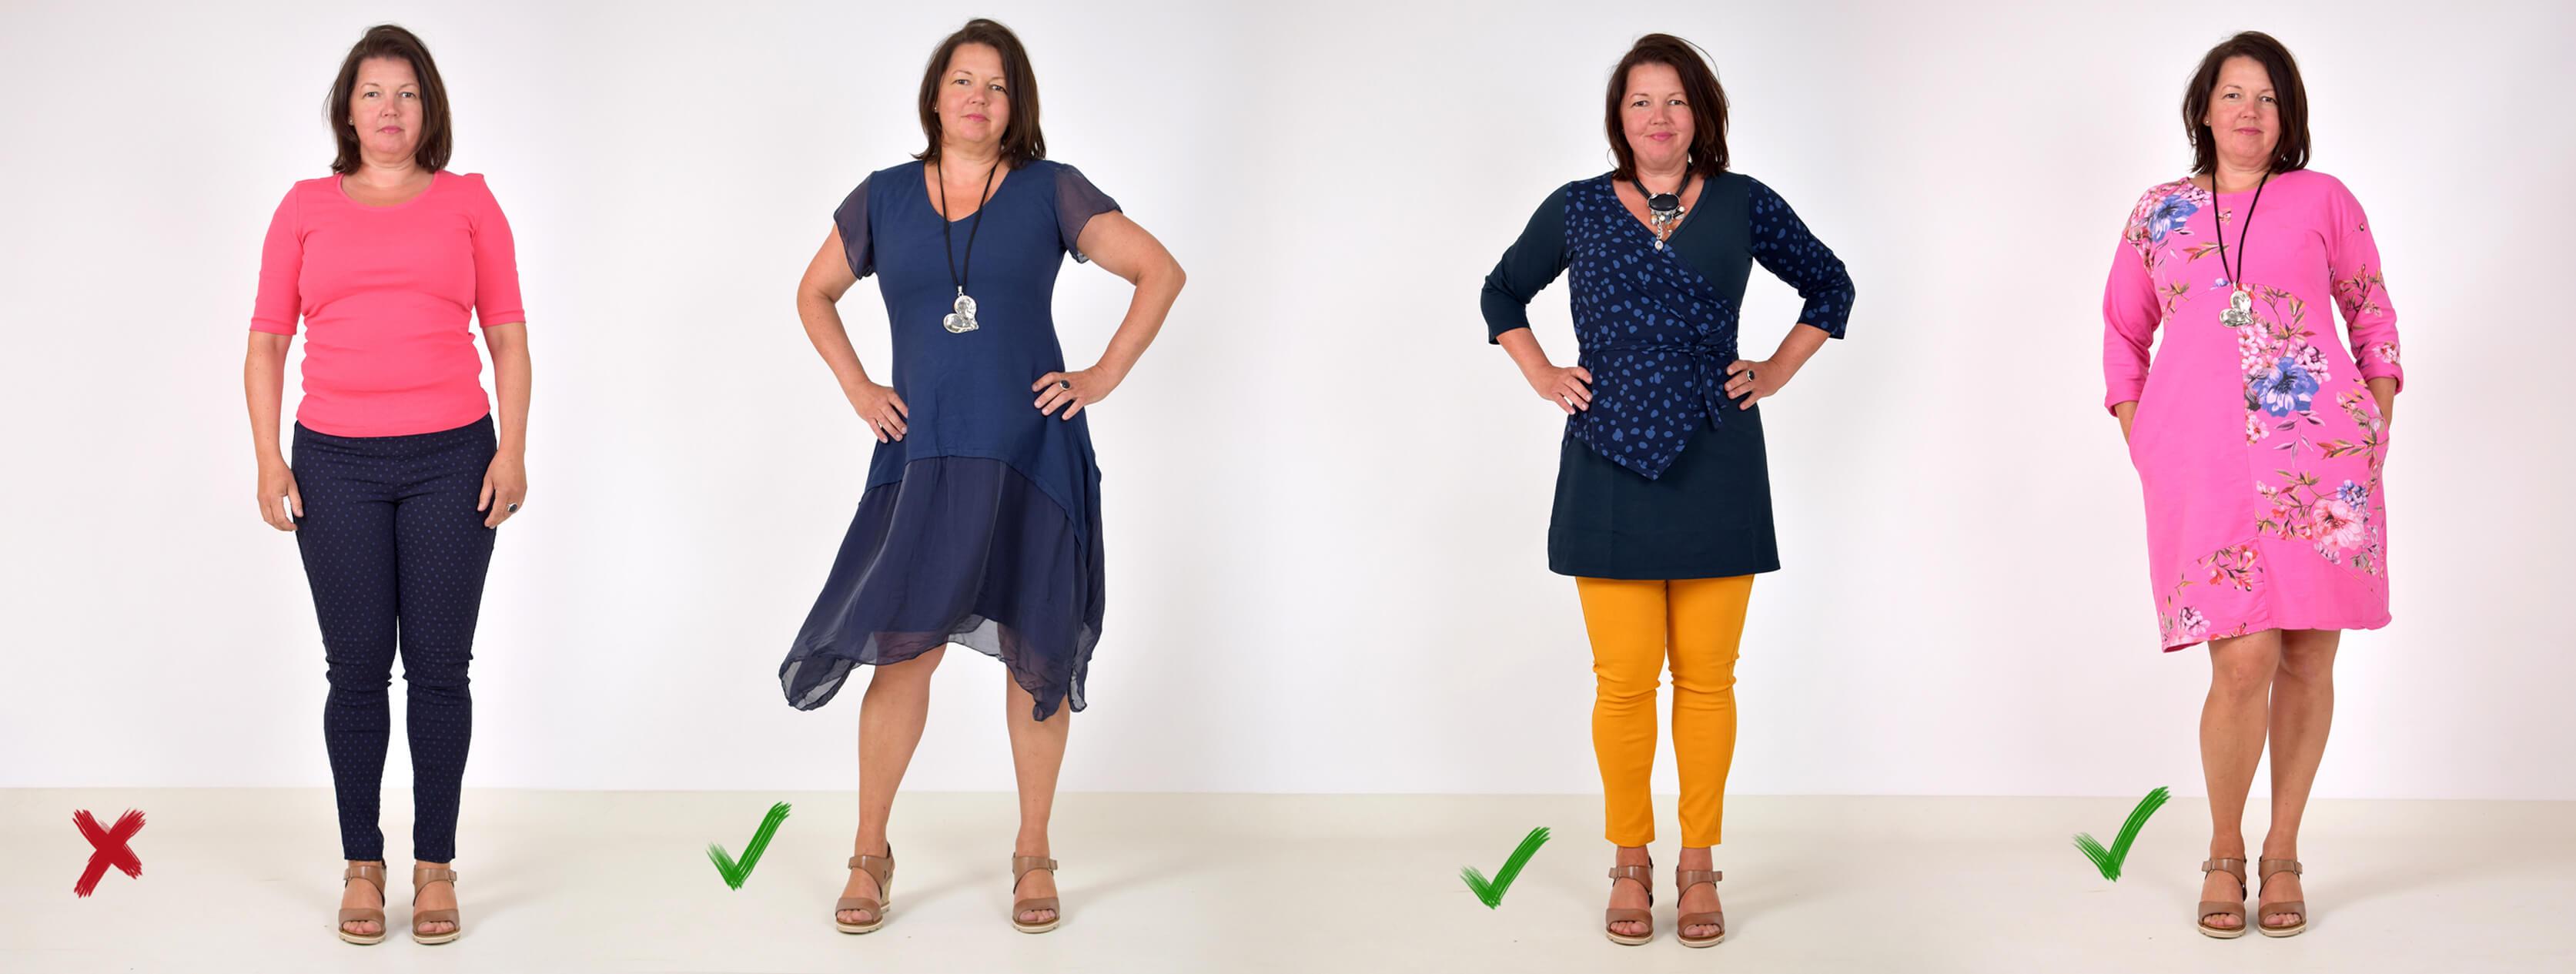 klänning för smal rak figur